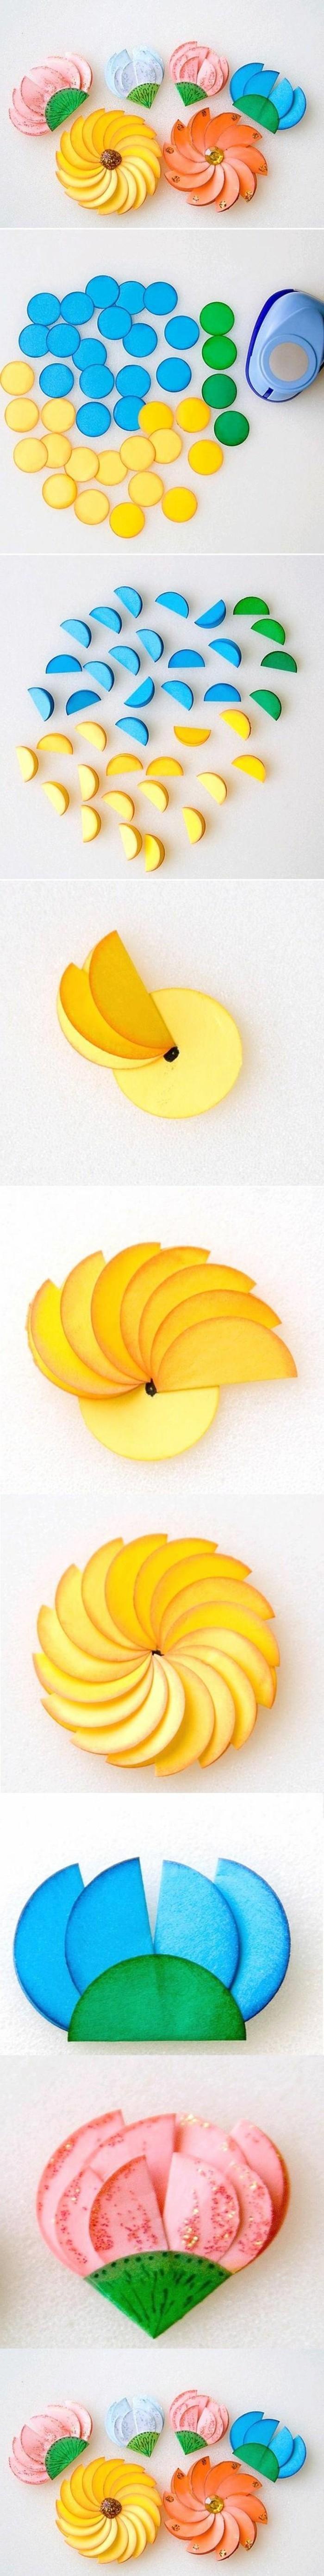 lavoretti-per-bimbi-idea-creativa-realizzare-fiori-colorati-urtilizzando-carta-tecnica-bricolage